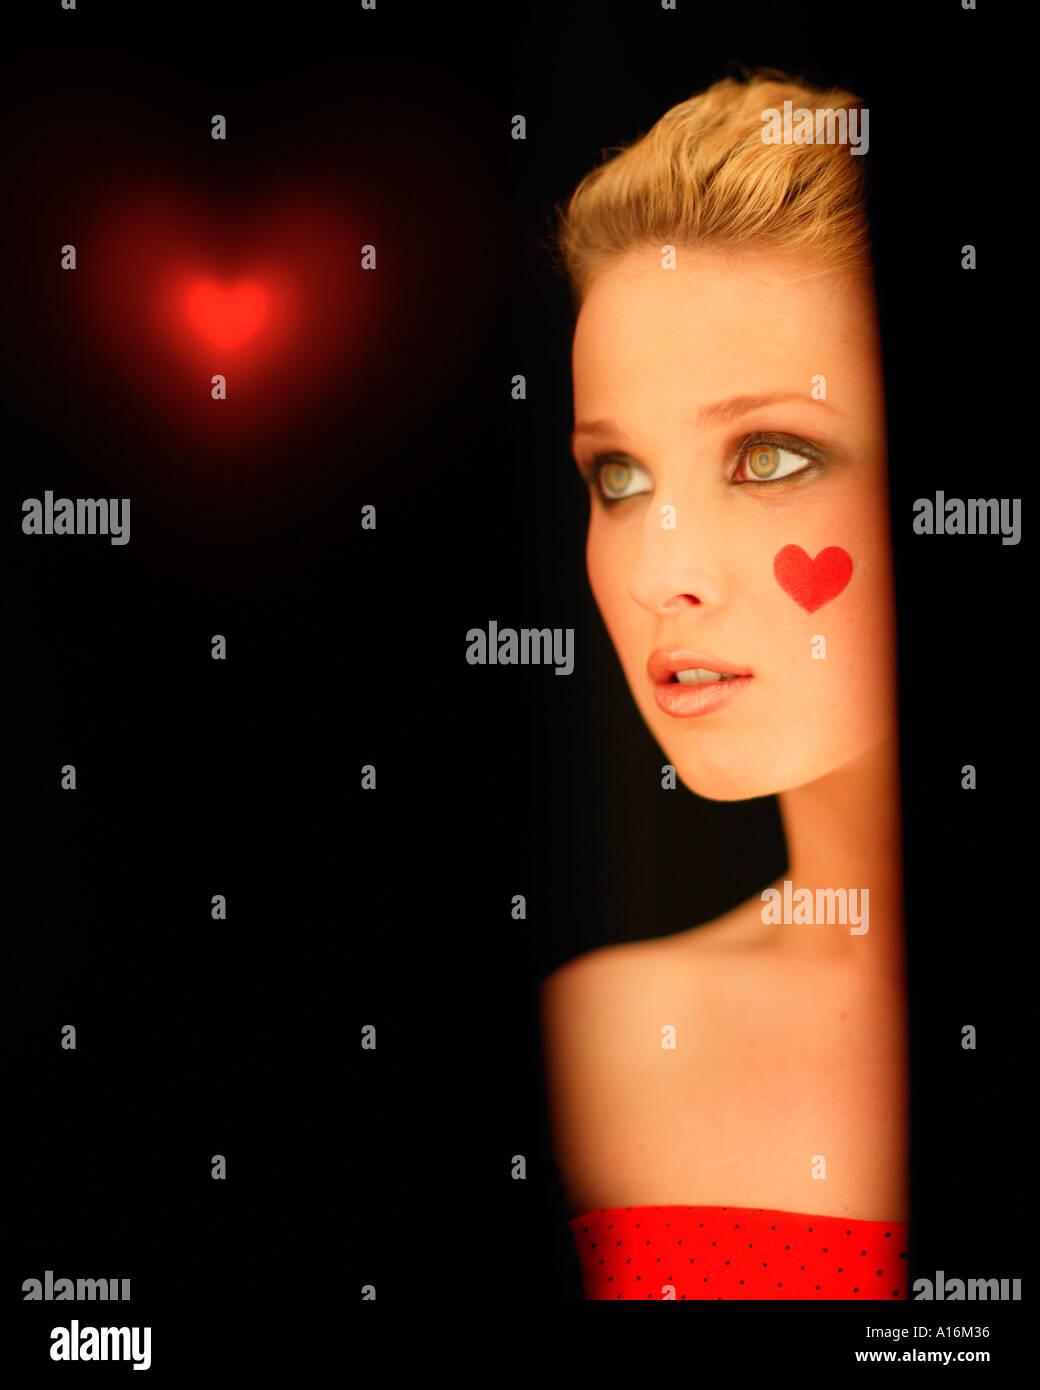 Retrato de una joven de 18, 19, 20-24, 24-29, 30-34, años con corazón rojo pintado en su mejilla Foto de stock